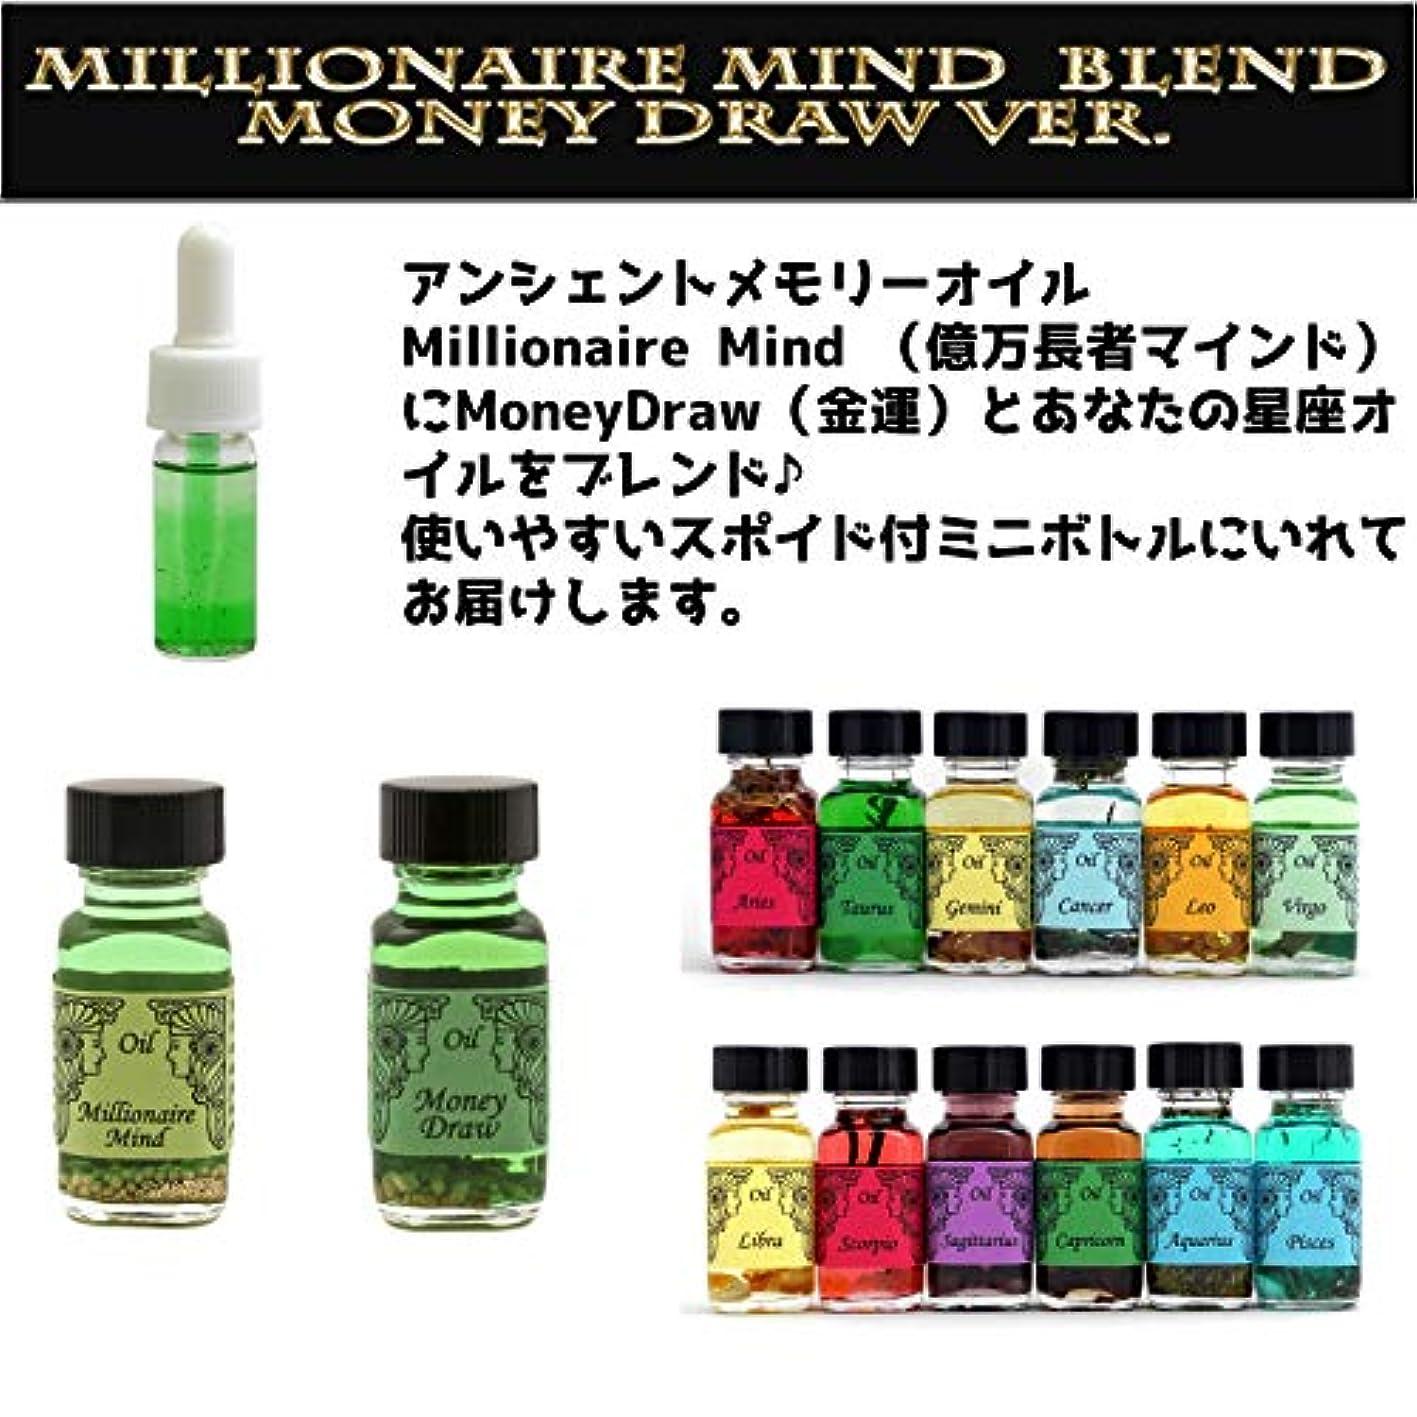 下に向けますネコひばりアンシェントメモリーオイル Millionaire Mind 億万長者マインド ブレンド(Money Drawマネードロー(金運)&やぎ座